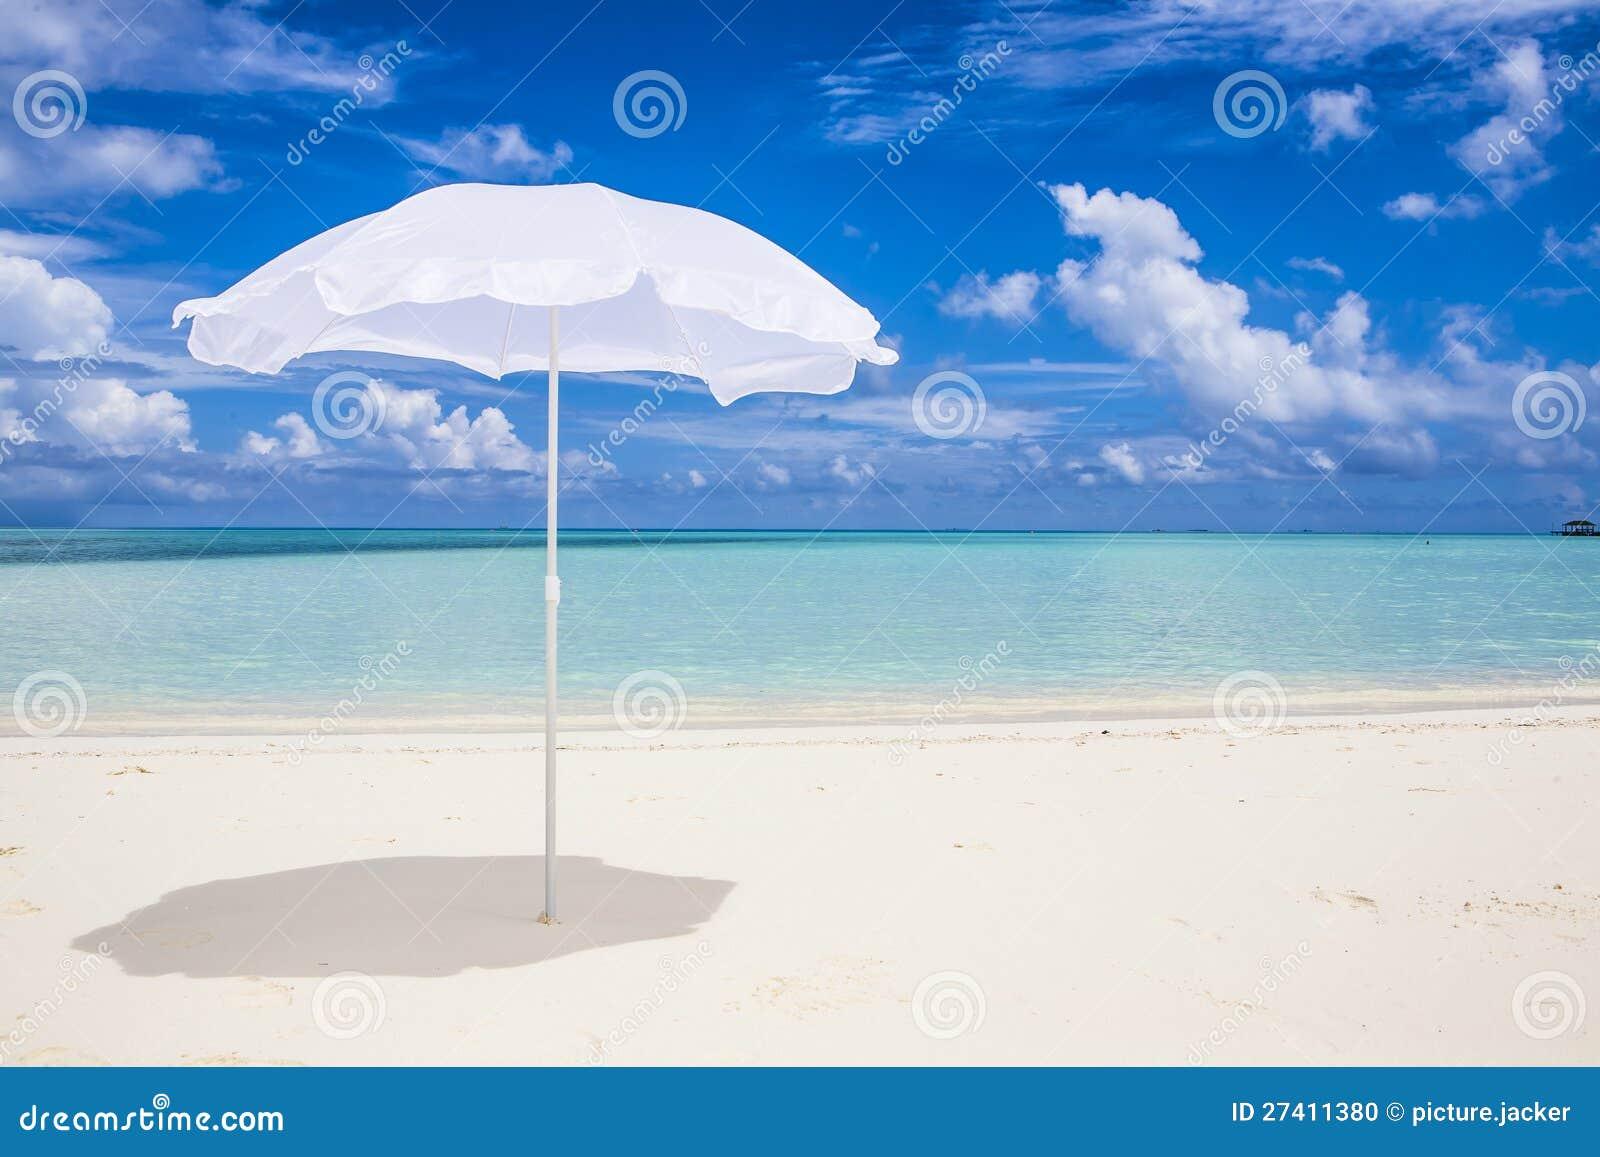 Pára-sol branco na praia